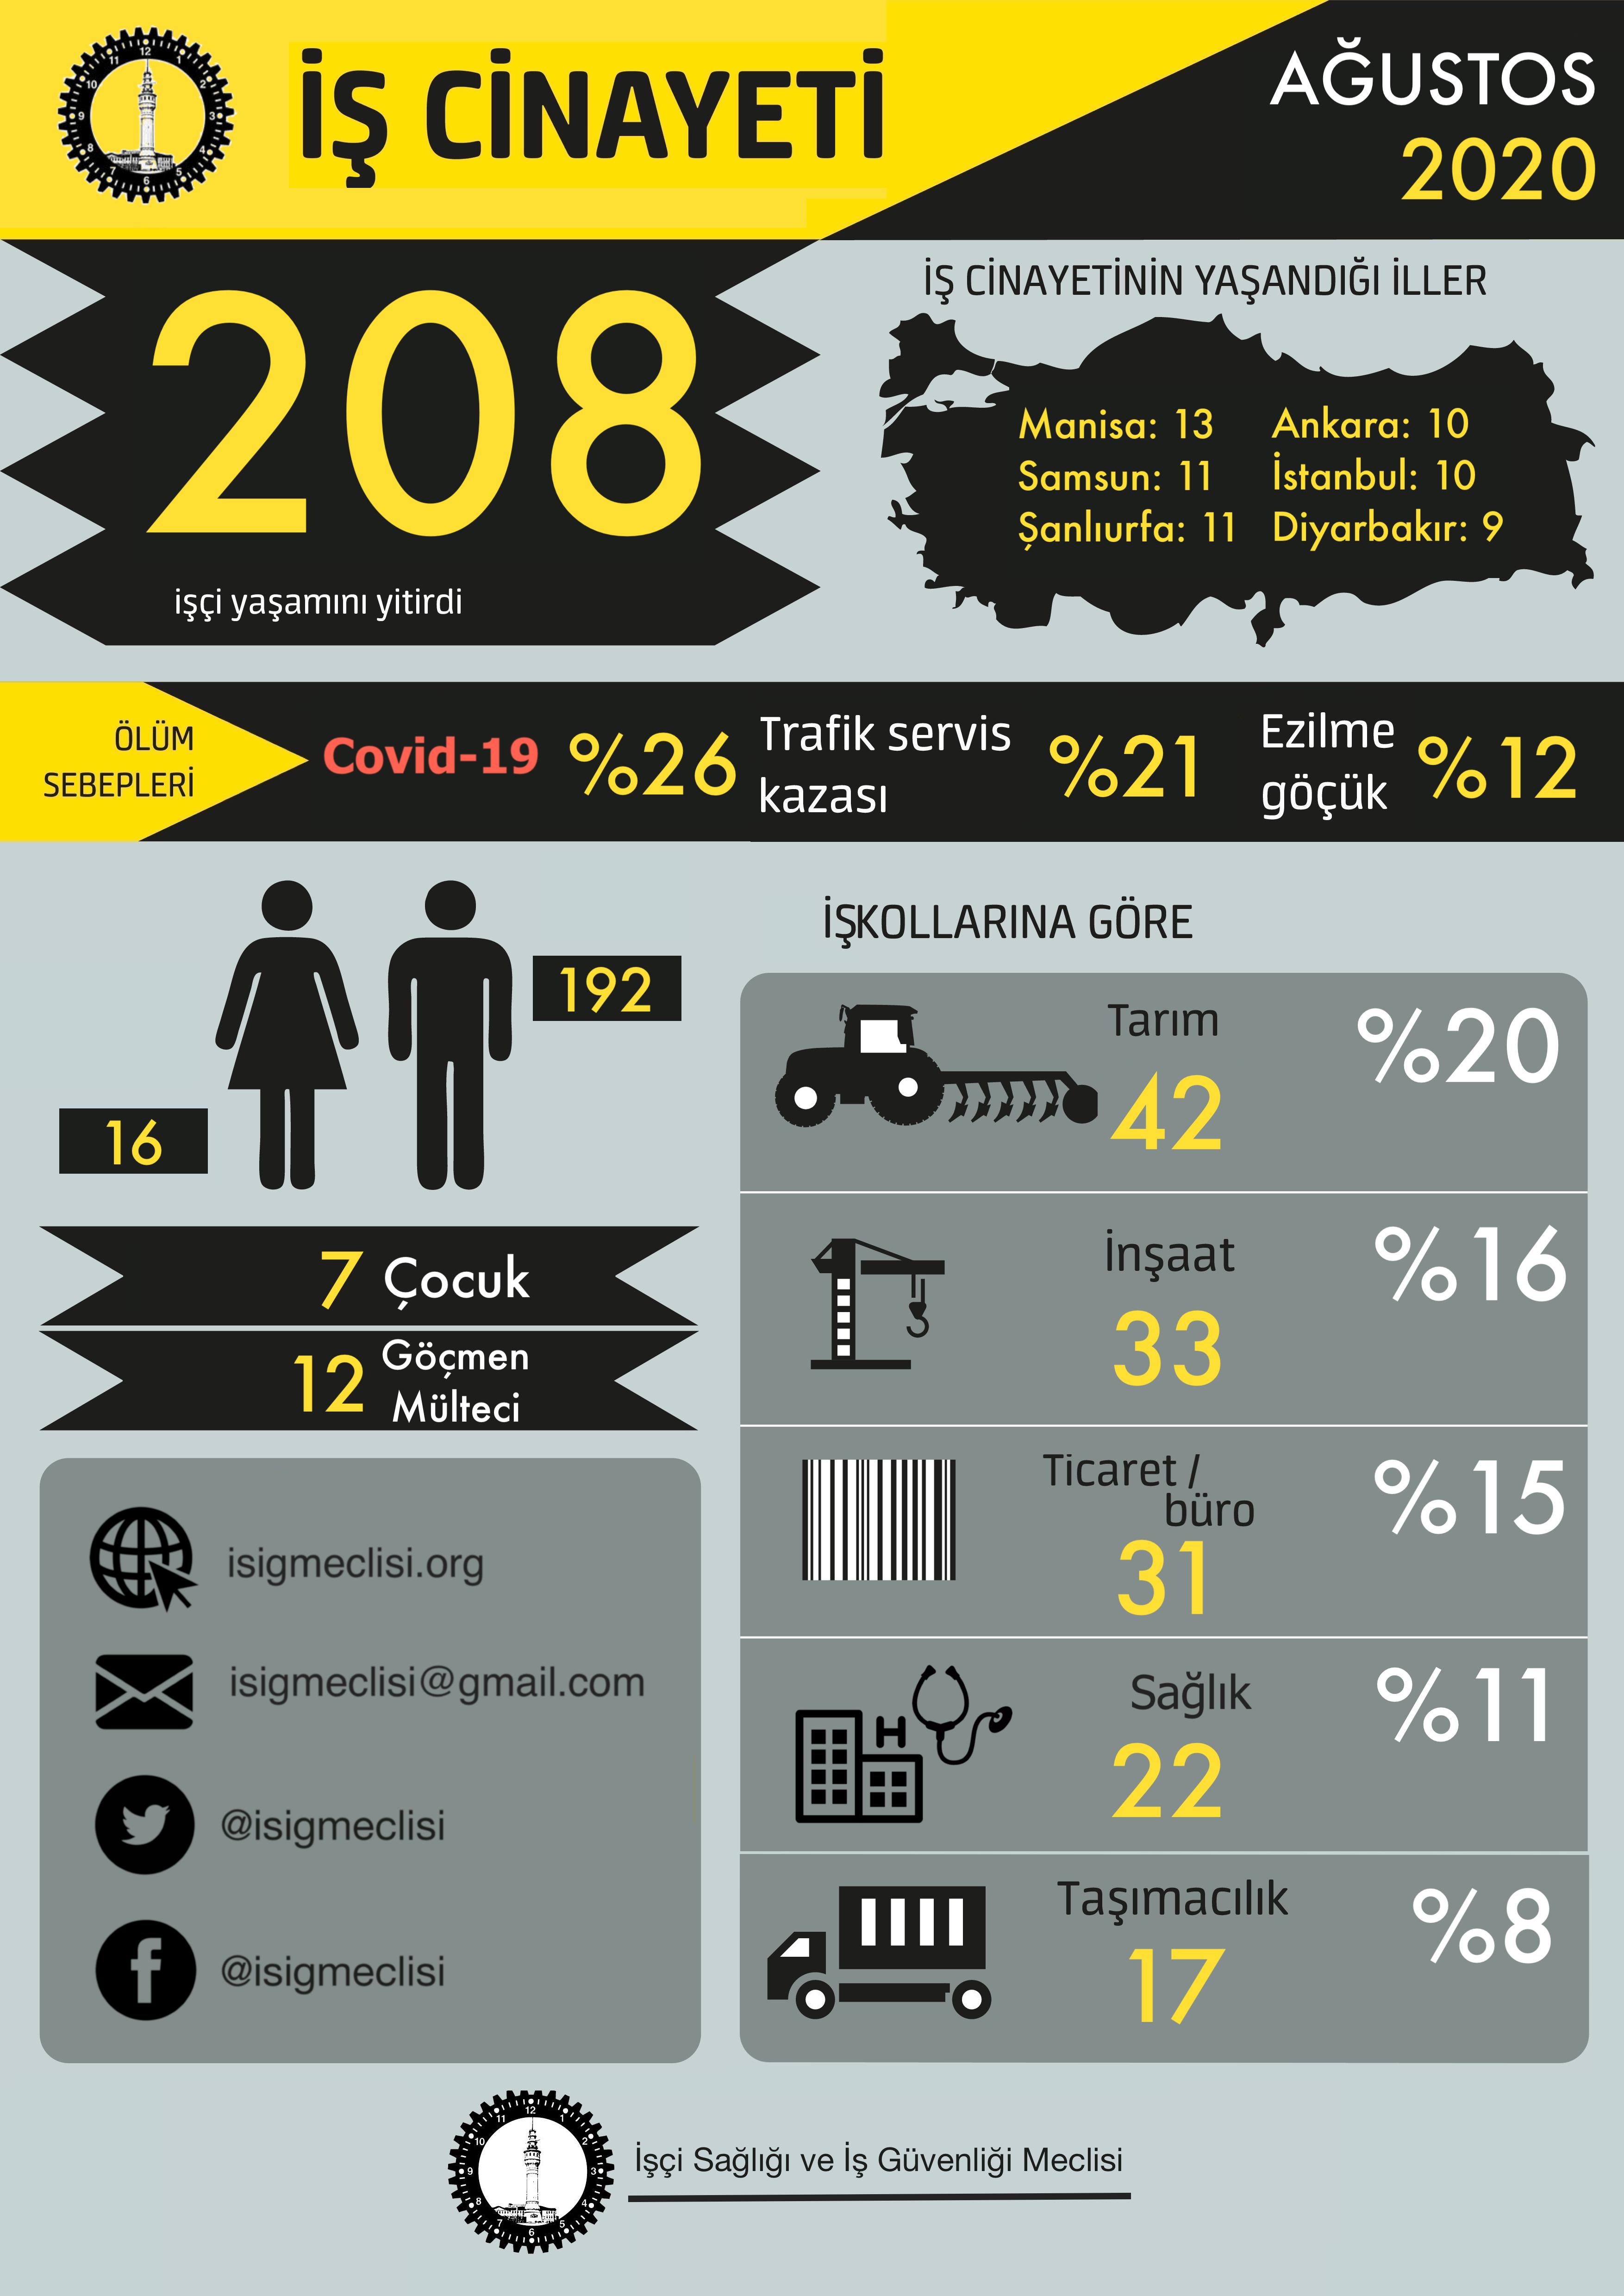 Yılın ilk sekiz ayında en az 1306, Ağustos ayında ise en az 208 işçi hayatını kaybetti